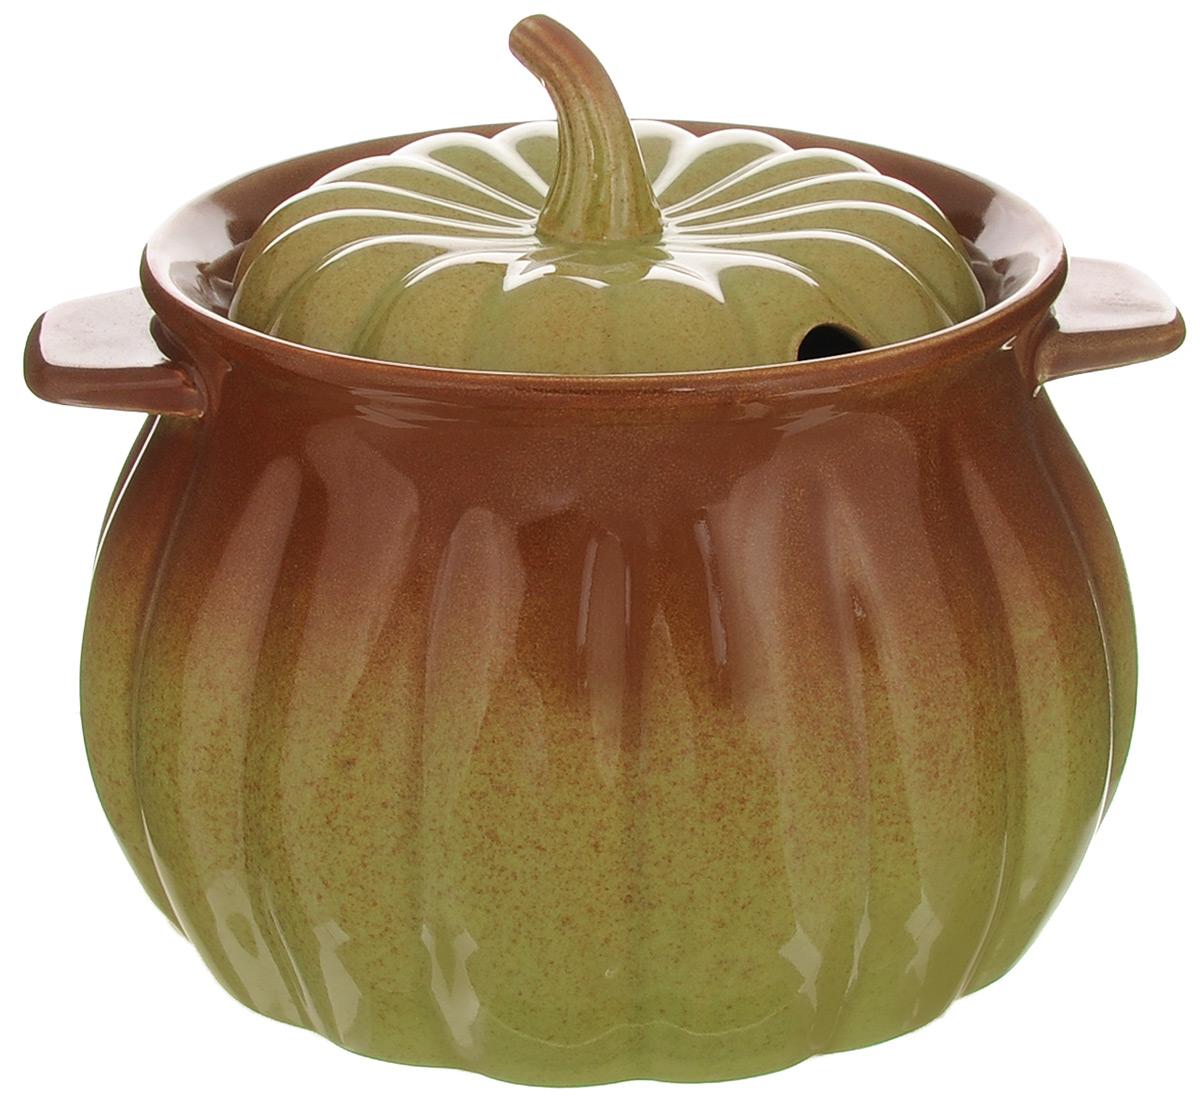 Горшок для запекания Appetite Тыква, 2,3 лHC2189Горшок Appetite Тыква изготовлен из высококачественной жаропрочной керамики в виде тыквы. Преимущества керамической посуды: - отсутствие выделений химических примесей; - равномерный нагрев; - долгое сохранение температуры; - сохранение витаминов и других ценных питательных веществ.Горшок оснащен двумя ручками и крышкой. Его можно использовать для запекания, а также для хранения сыпучих продуктов.Диаметр по верхнему краю: 16 см.Высота с учетом крышки: 16 см.